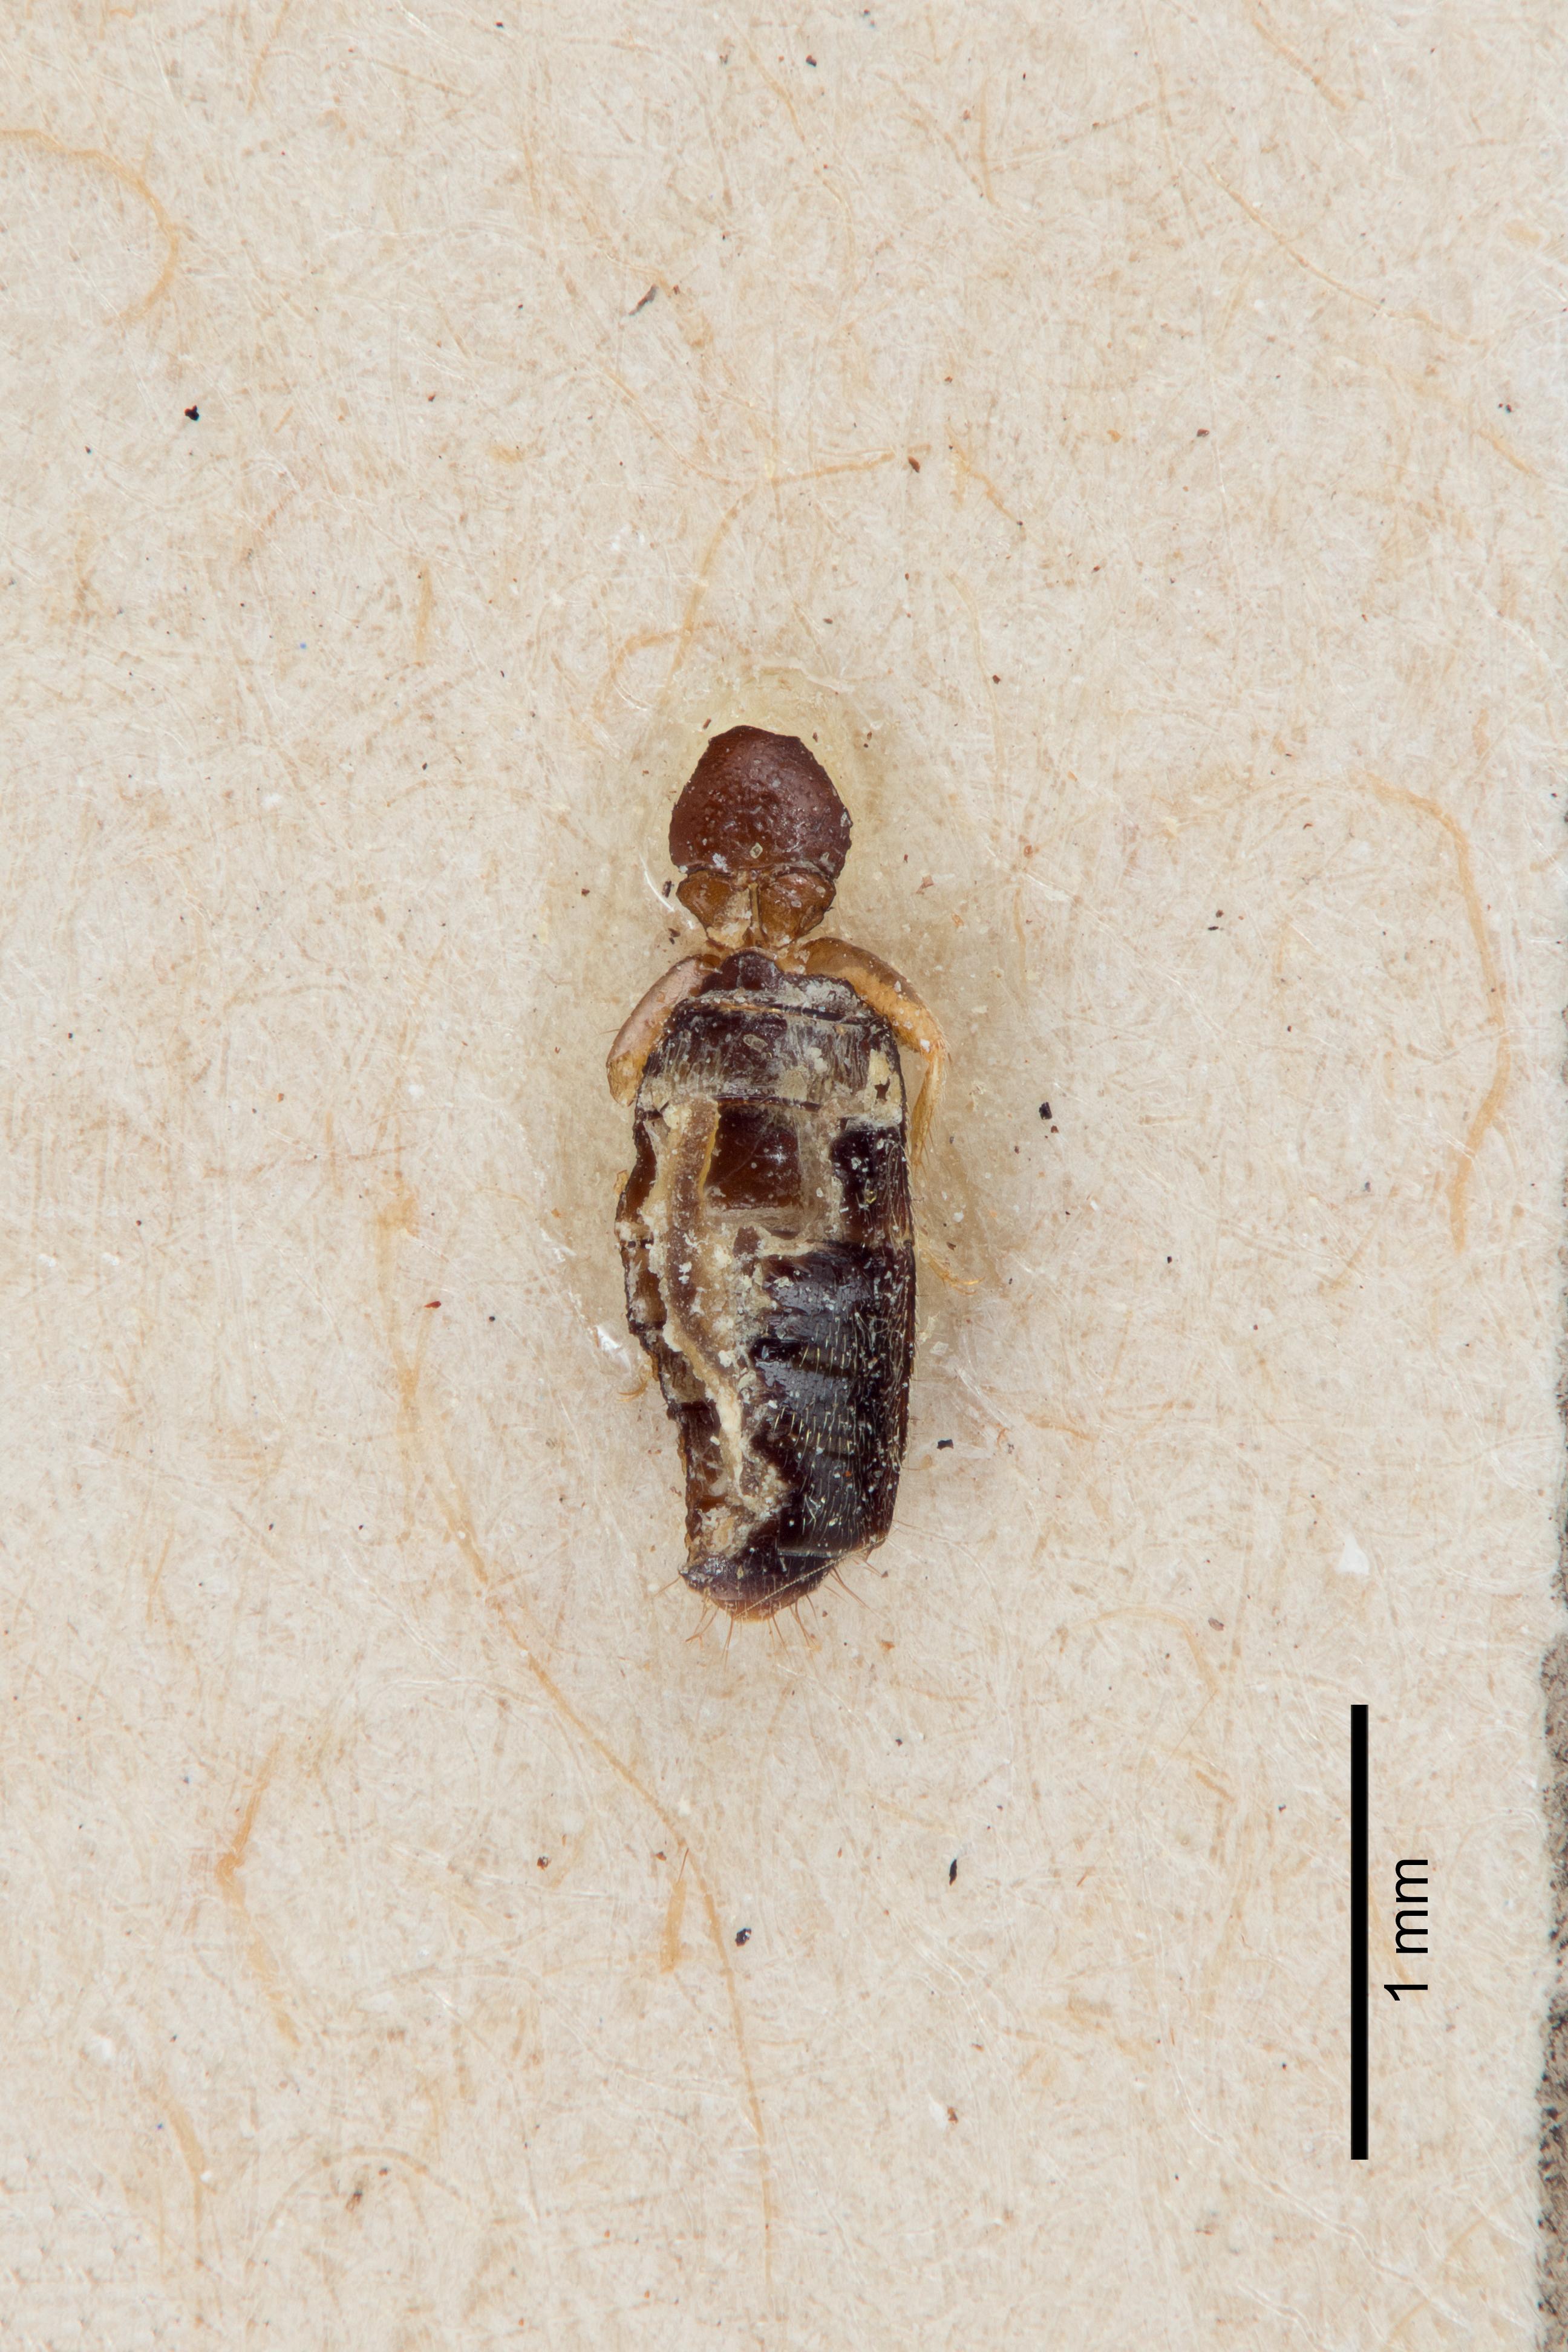 Image of Bledius bonariensis